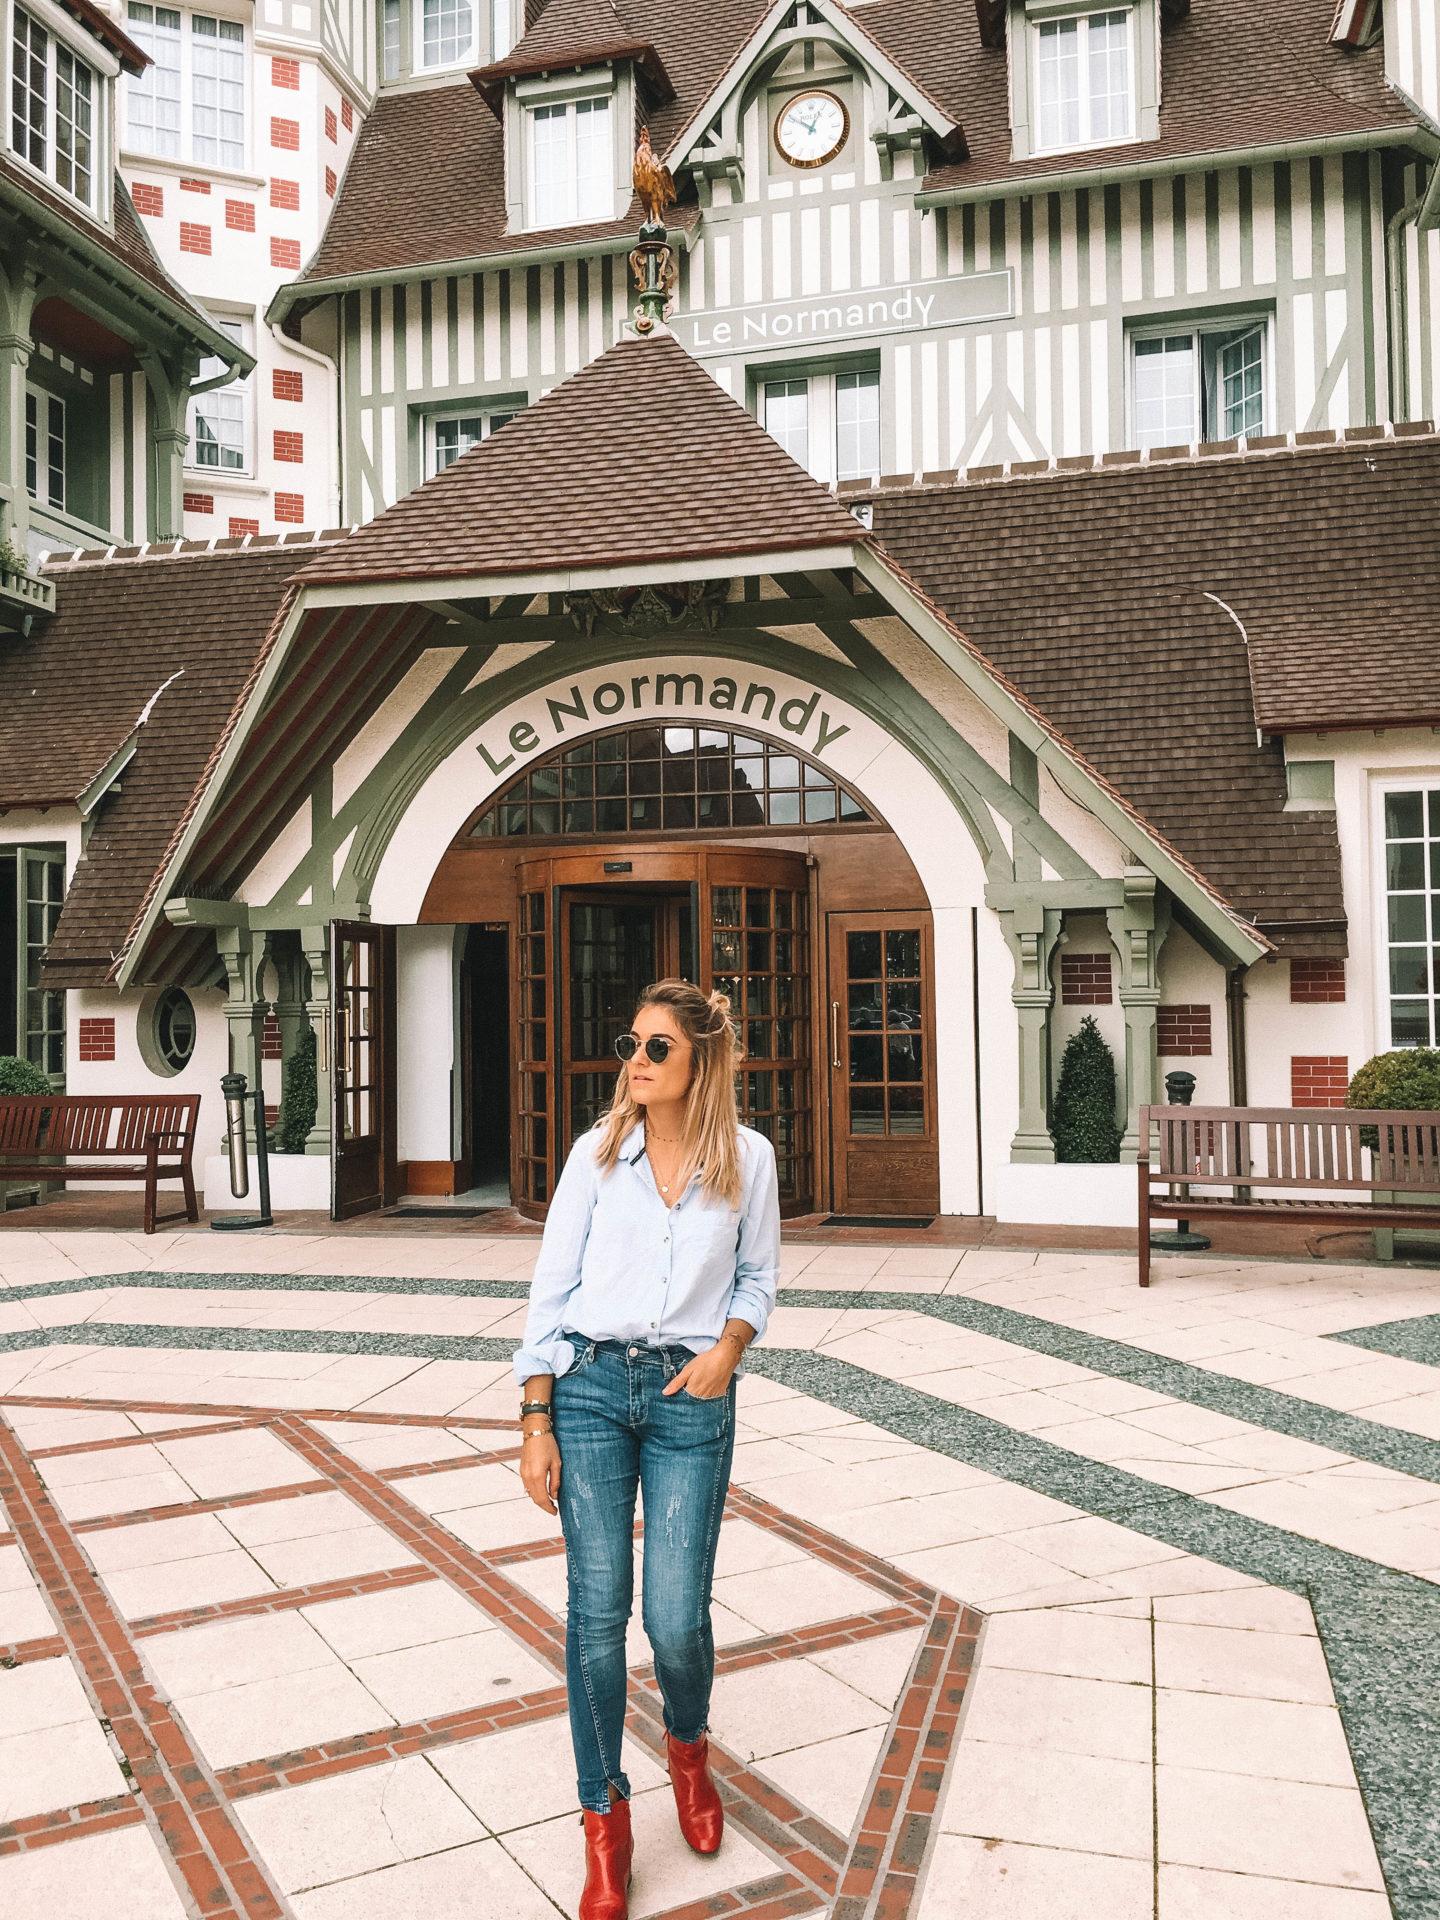 Normandy Barrière Deauville - Blondie Baby blog mode et voyages